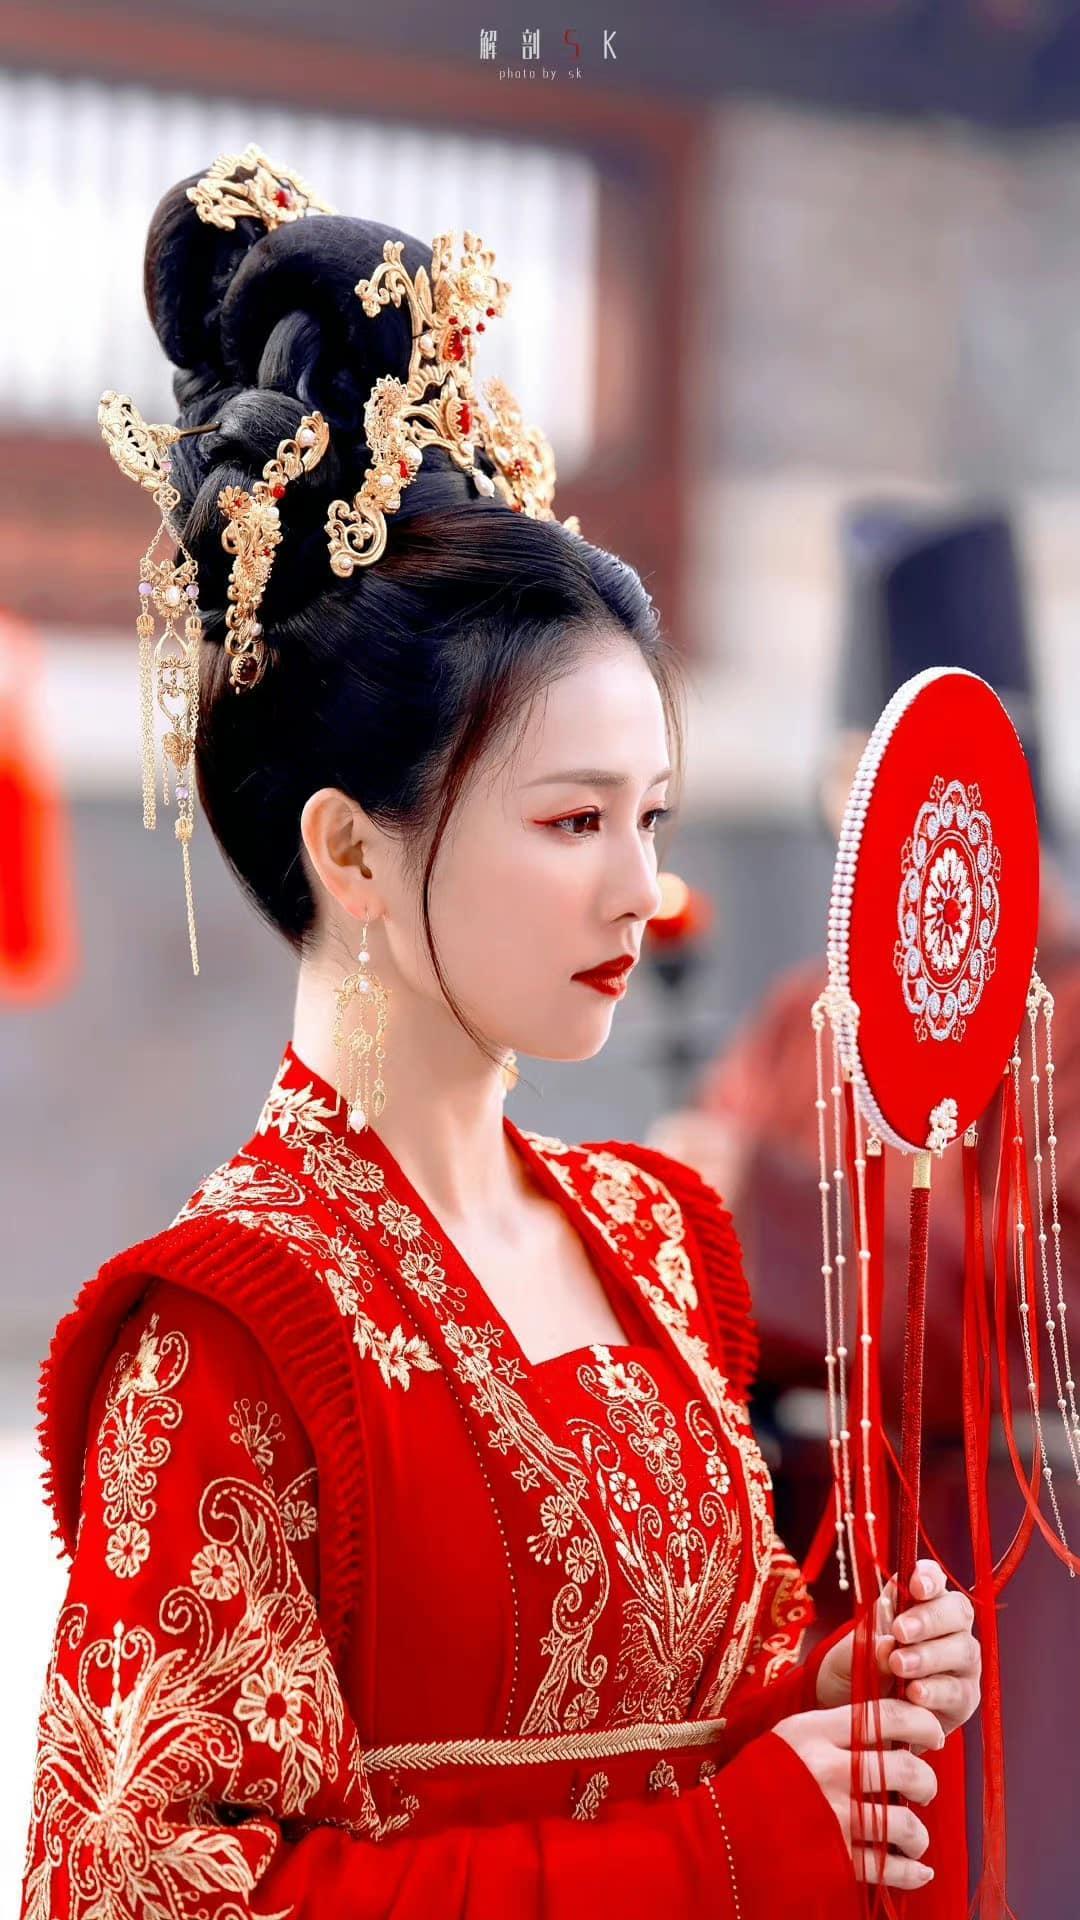 Loạt ảnh chứng minh Bạch Lộc là 'thánh nữ' hồng y thế hệ mới 2